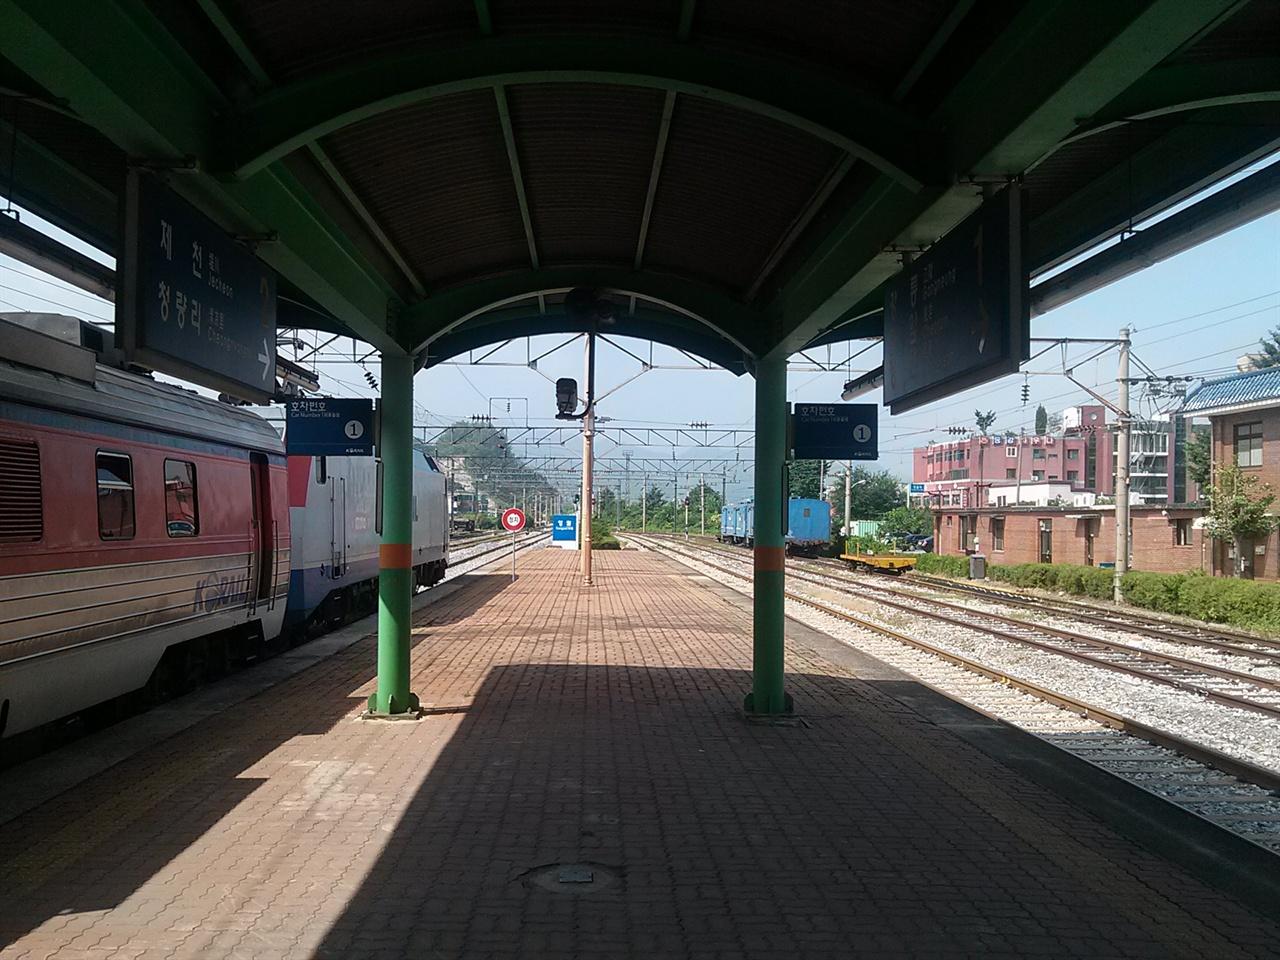 경강선의 개통으로 타격이 불가피한 태백선 사진은 태백선 영월역에서 촬영했다.